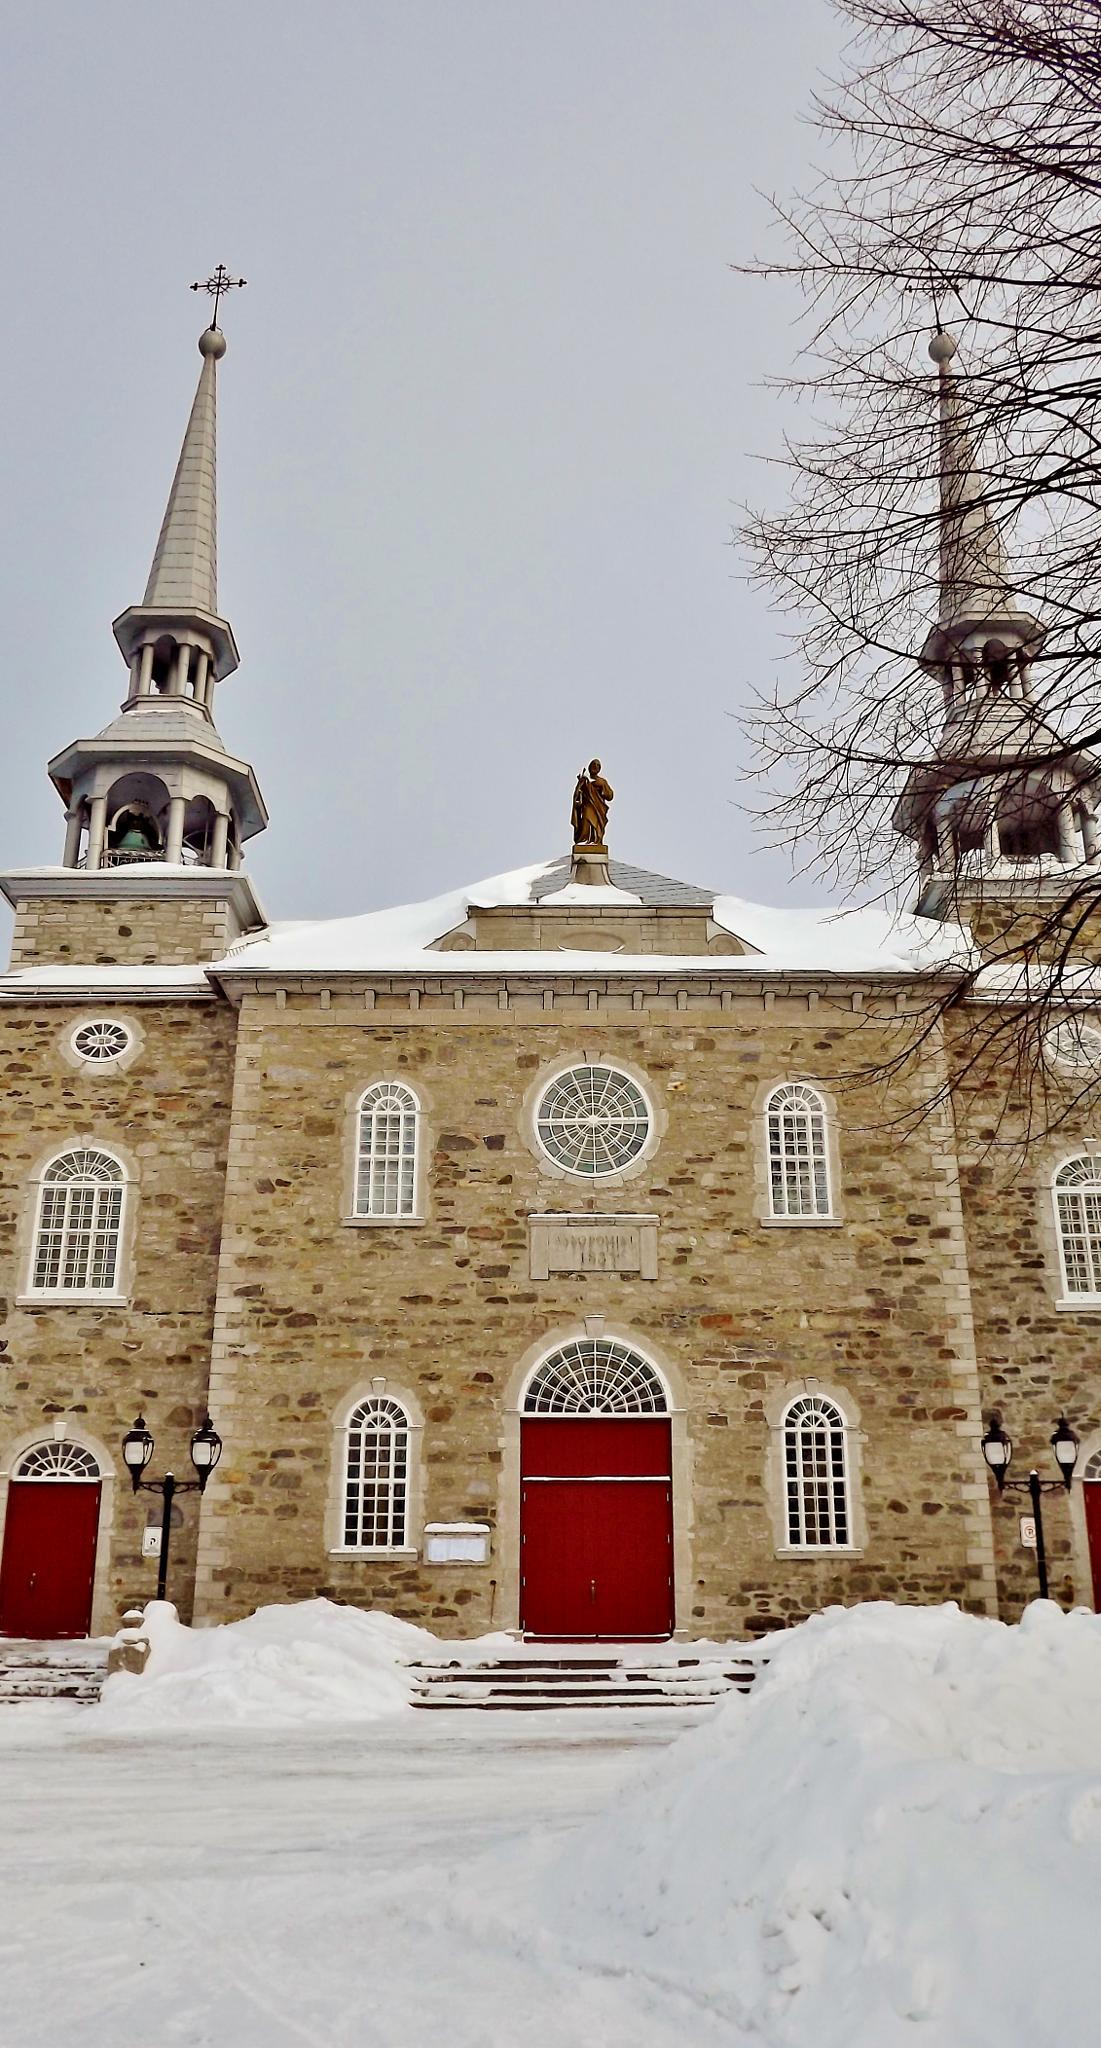 Église de Deschambault red door by real.michaud.5036